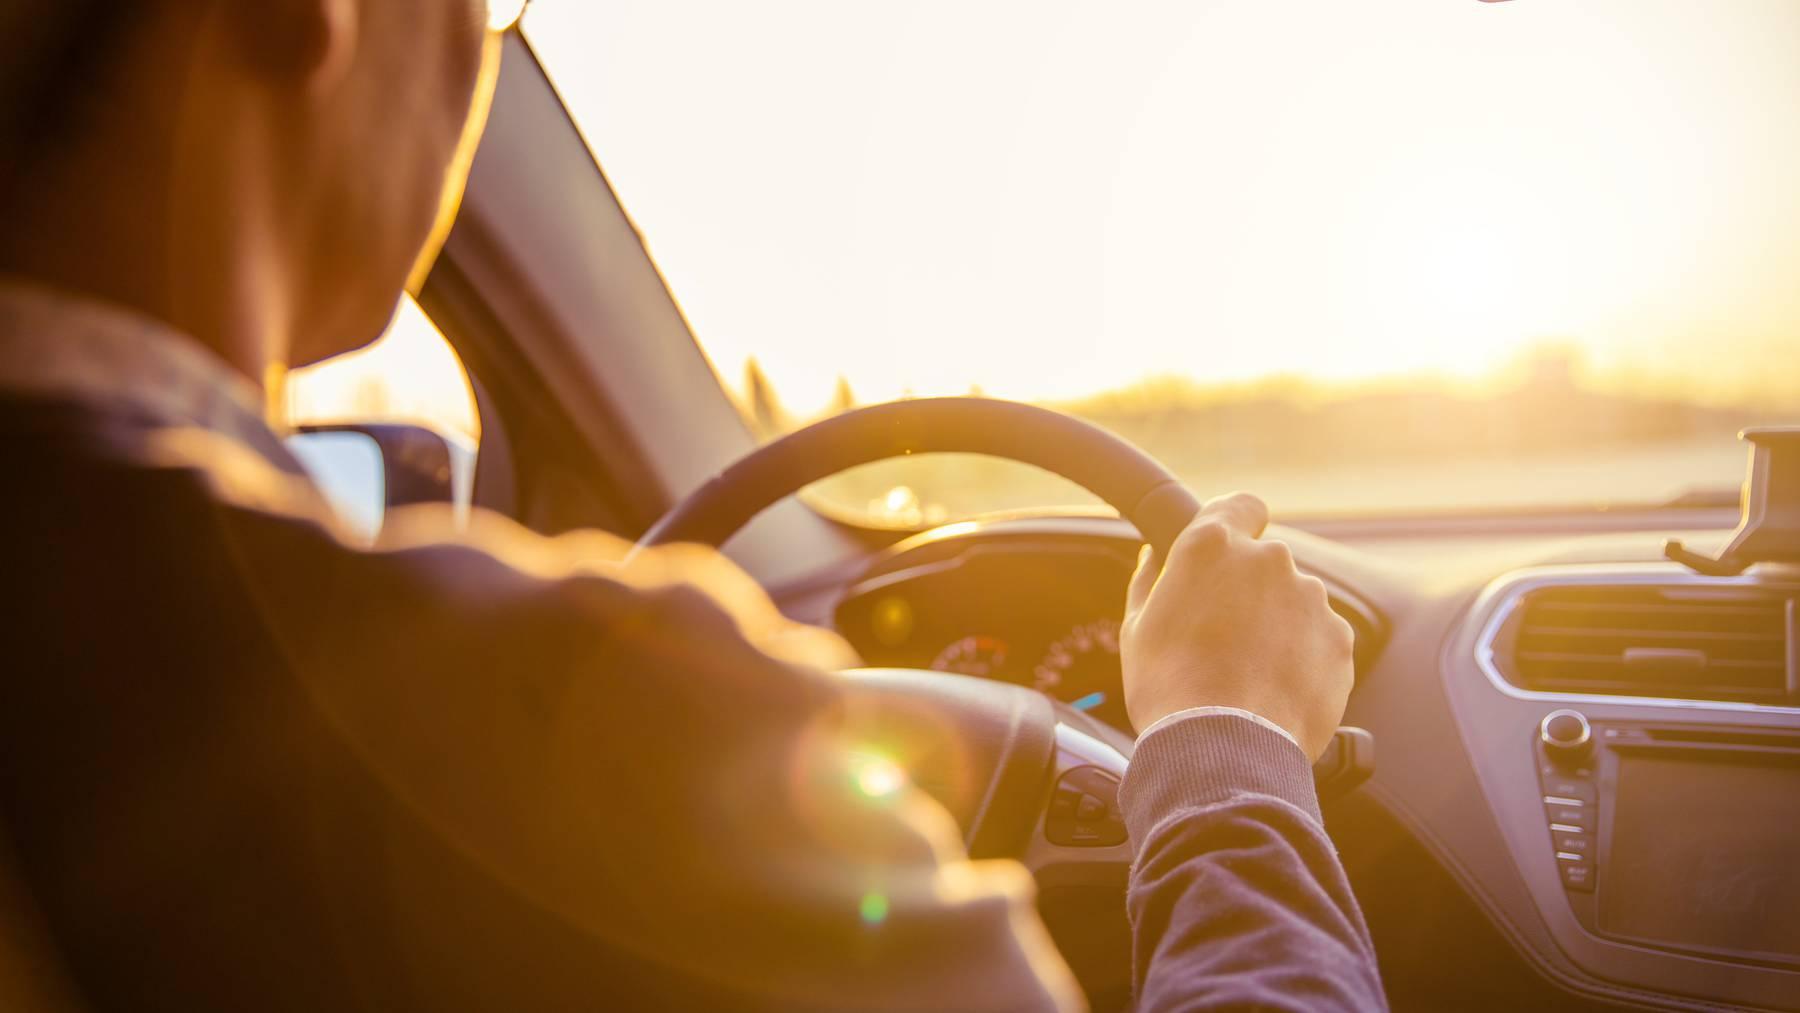 Wenn die Sonne blendet, sollte man vorsichtig fahren.